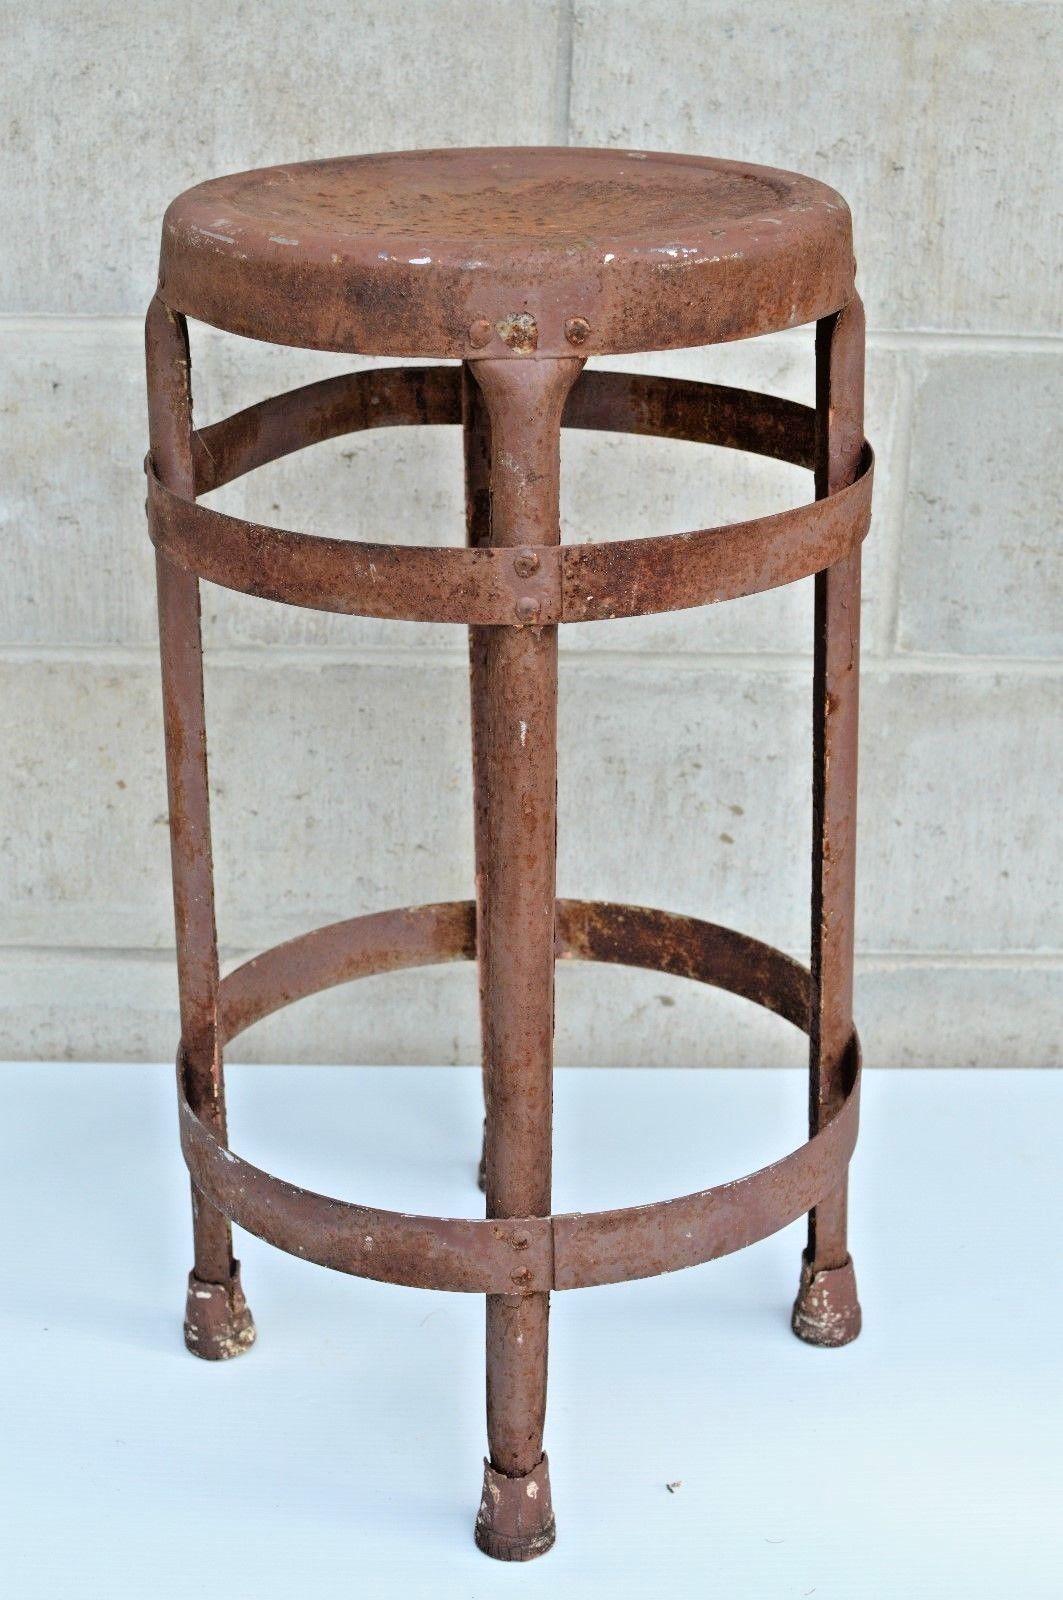 Amazing Vintage Industrial Metal Stool Machinist And 50 Similar Items Inzonedesignstudio Interior Chair Design Inzonedesignstudiocom